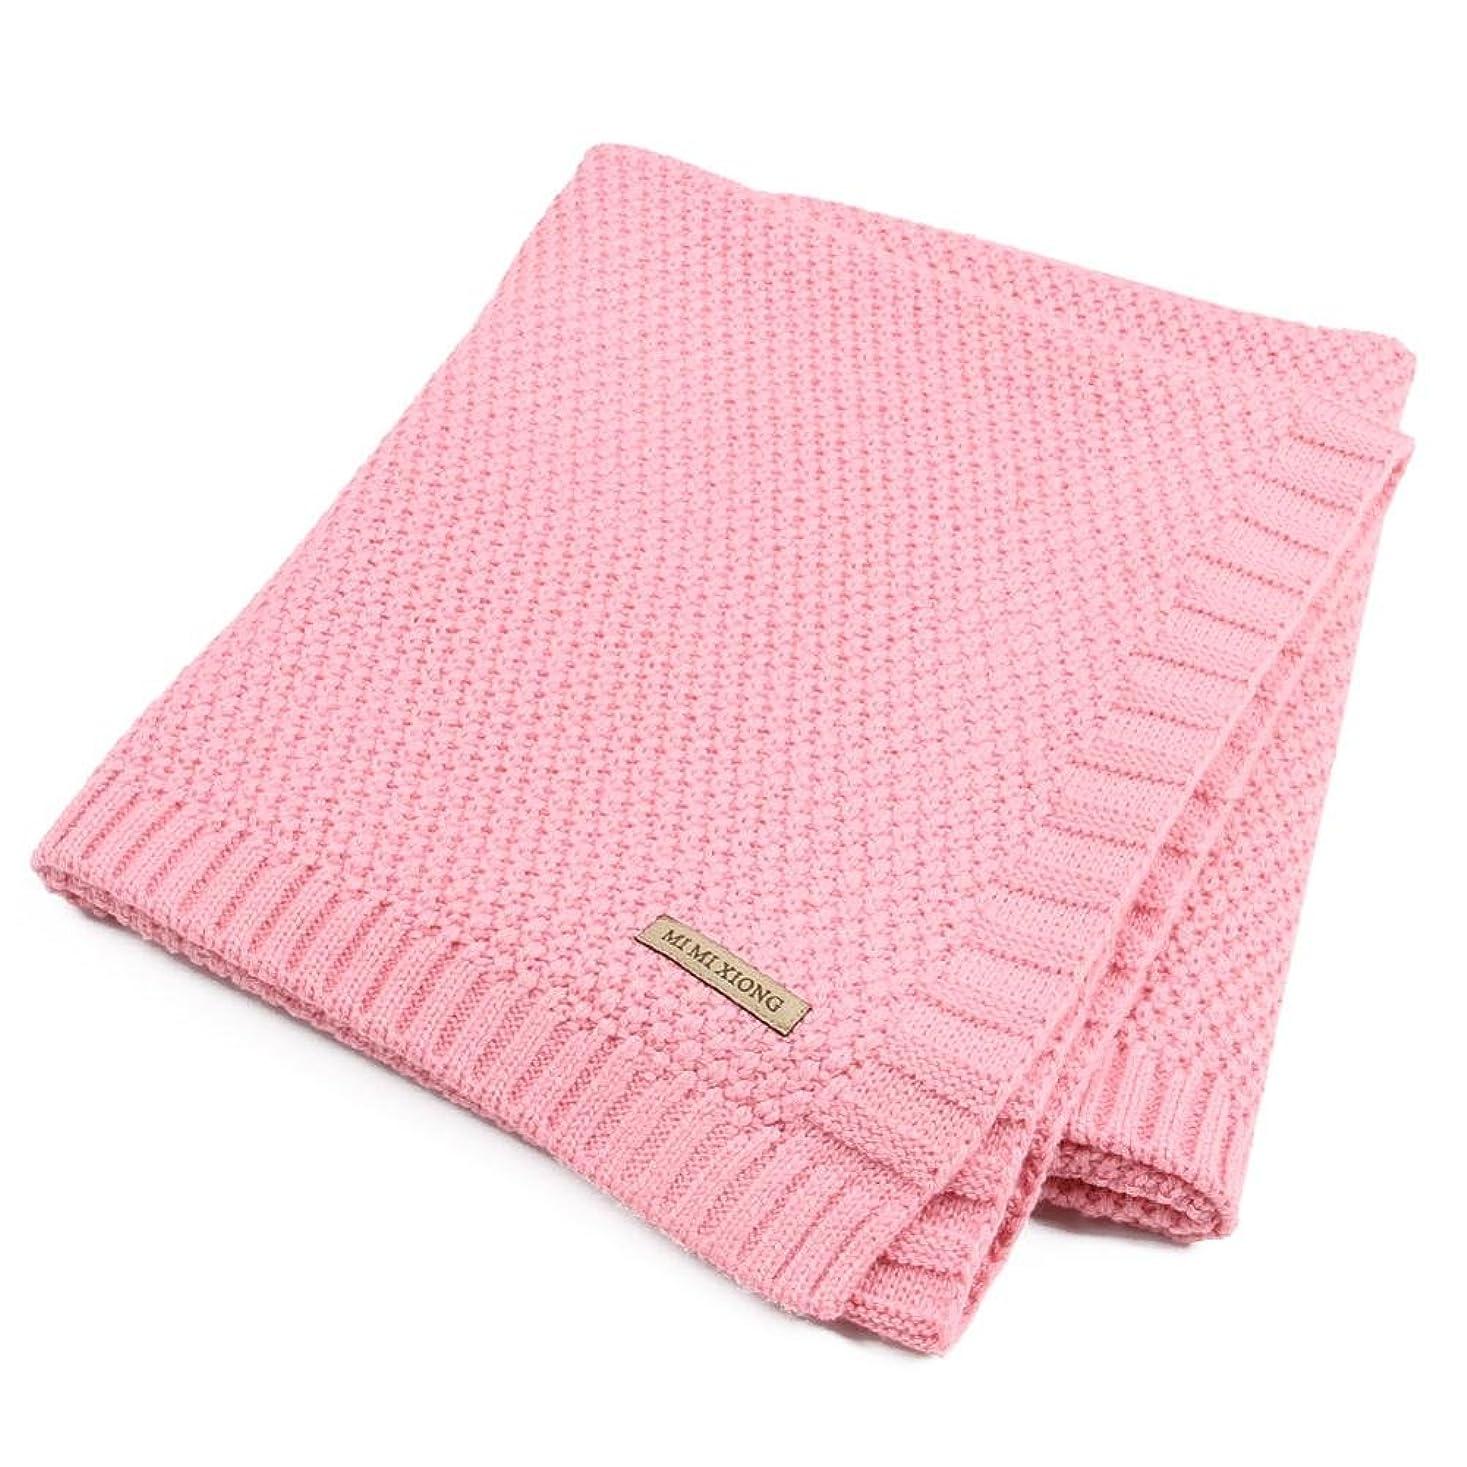 人差し指で出来ている保証金毛布 ニットブランケット ベービー 北欧 洗える 軽量 柔らかい 子供 ベビー毛布 冷房対策 通年使用 100×80cm